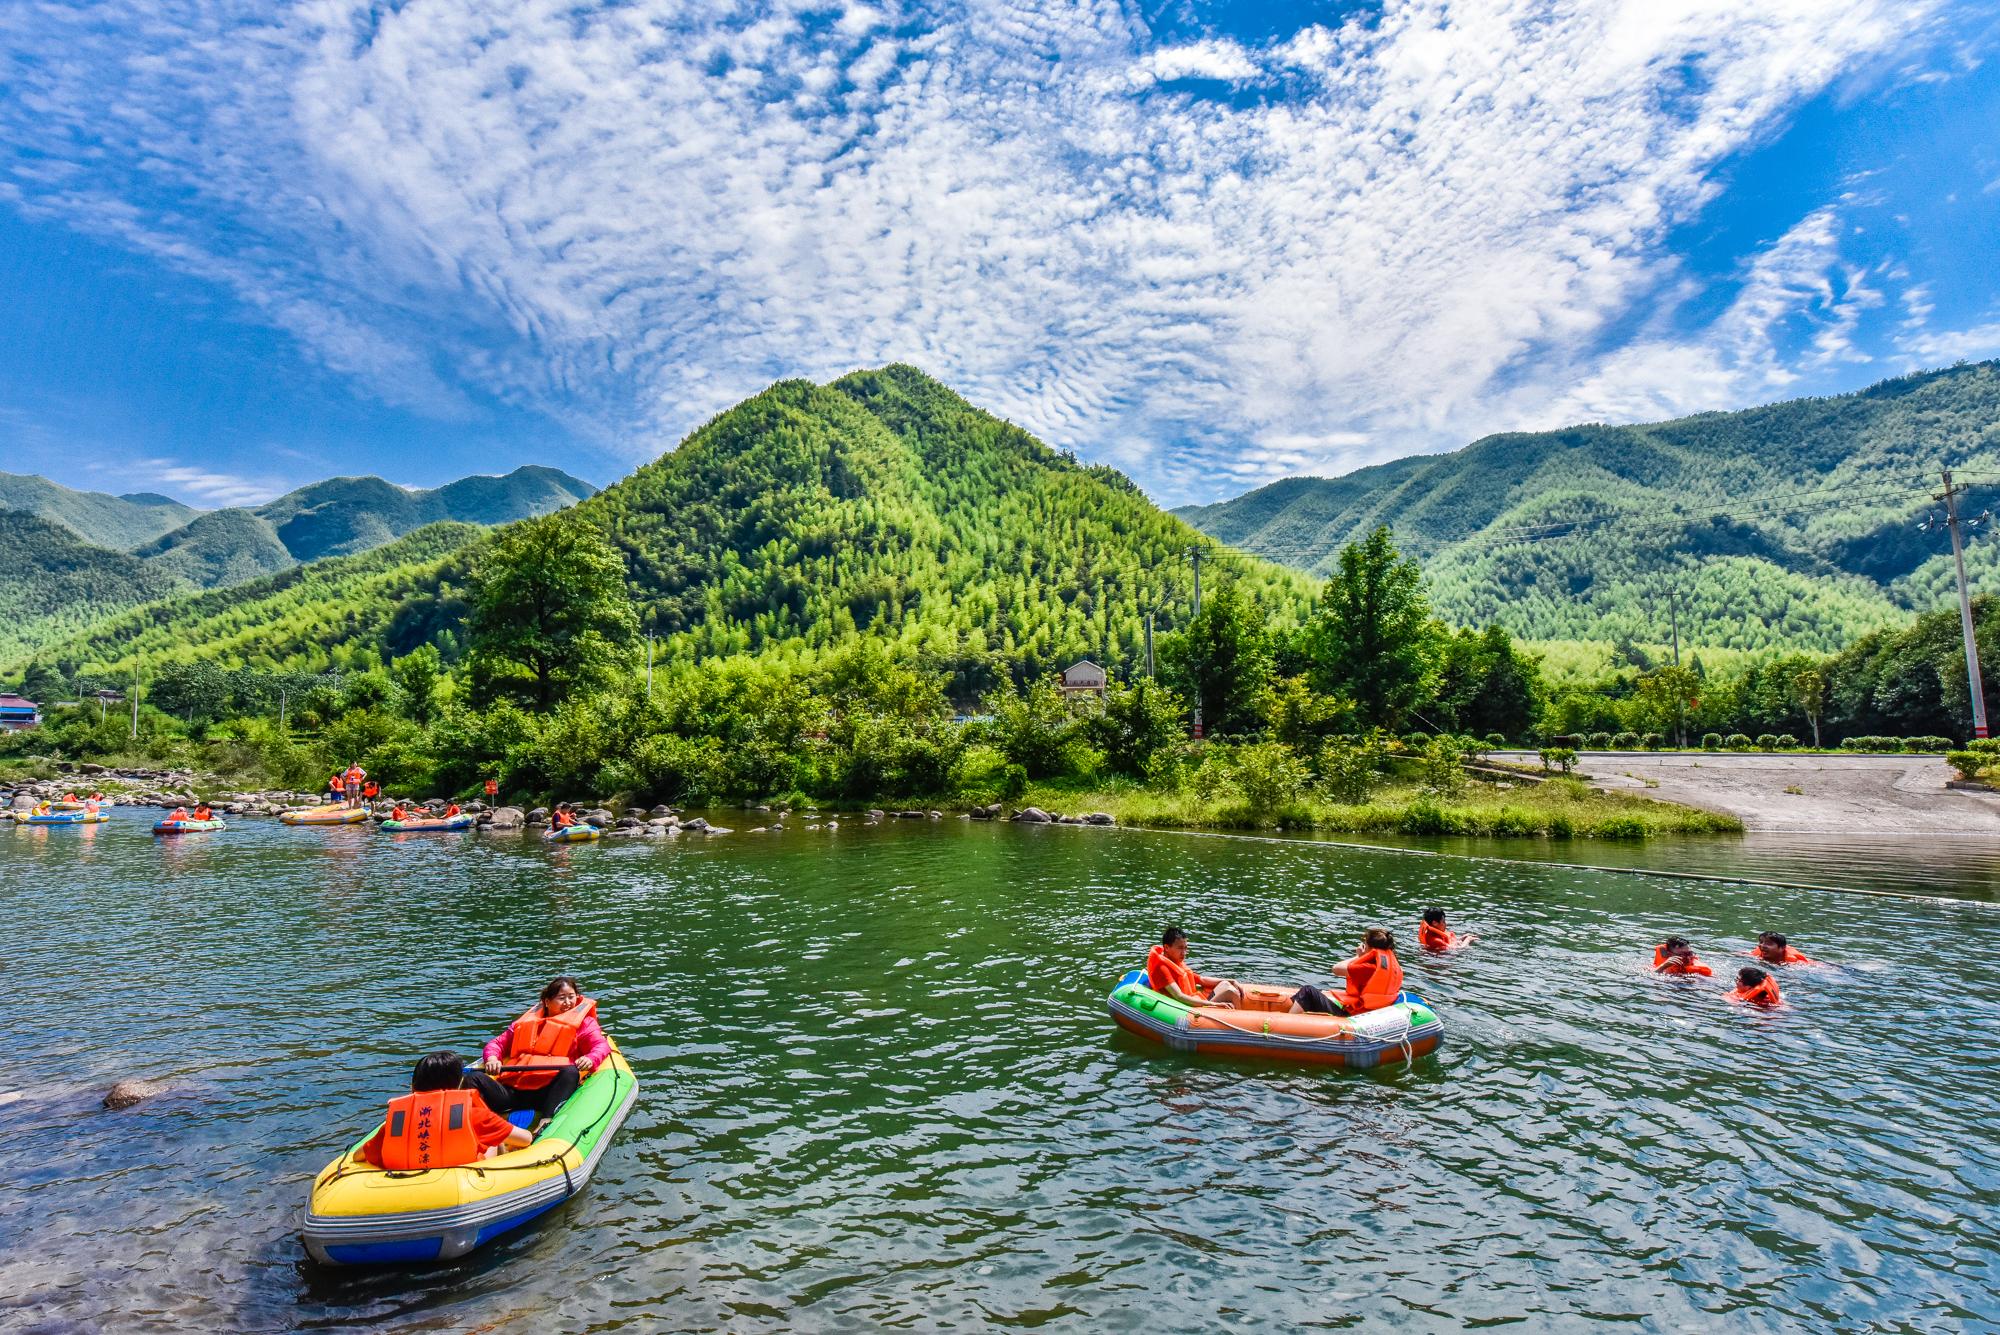 【我是达人】炎热避暑何处寻?到浙北安吉清凉一夏,感觉如何?